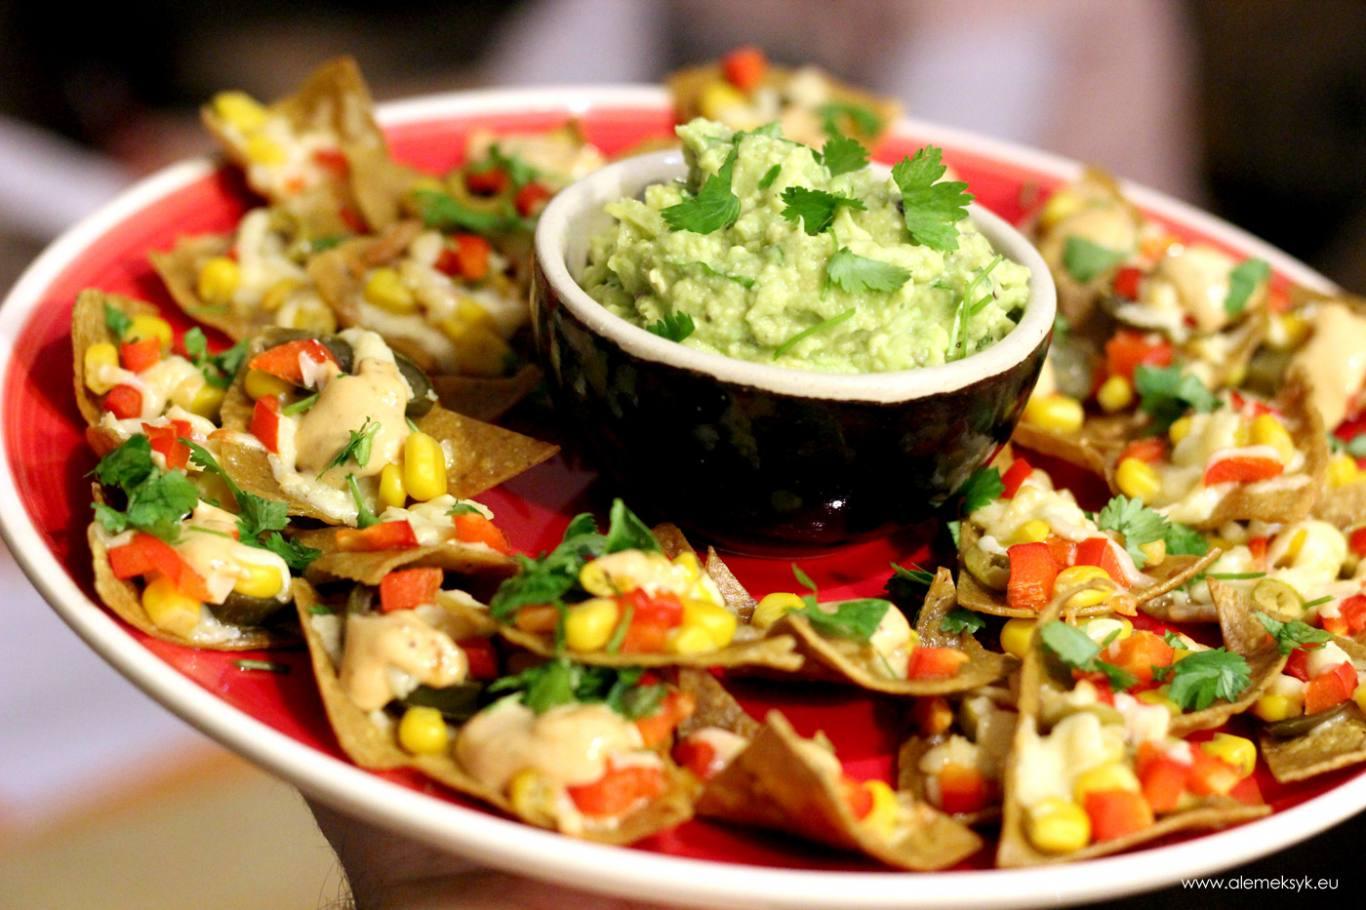 Tradycyjne nachos z sosem majonezowym smoked chipotle i ...